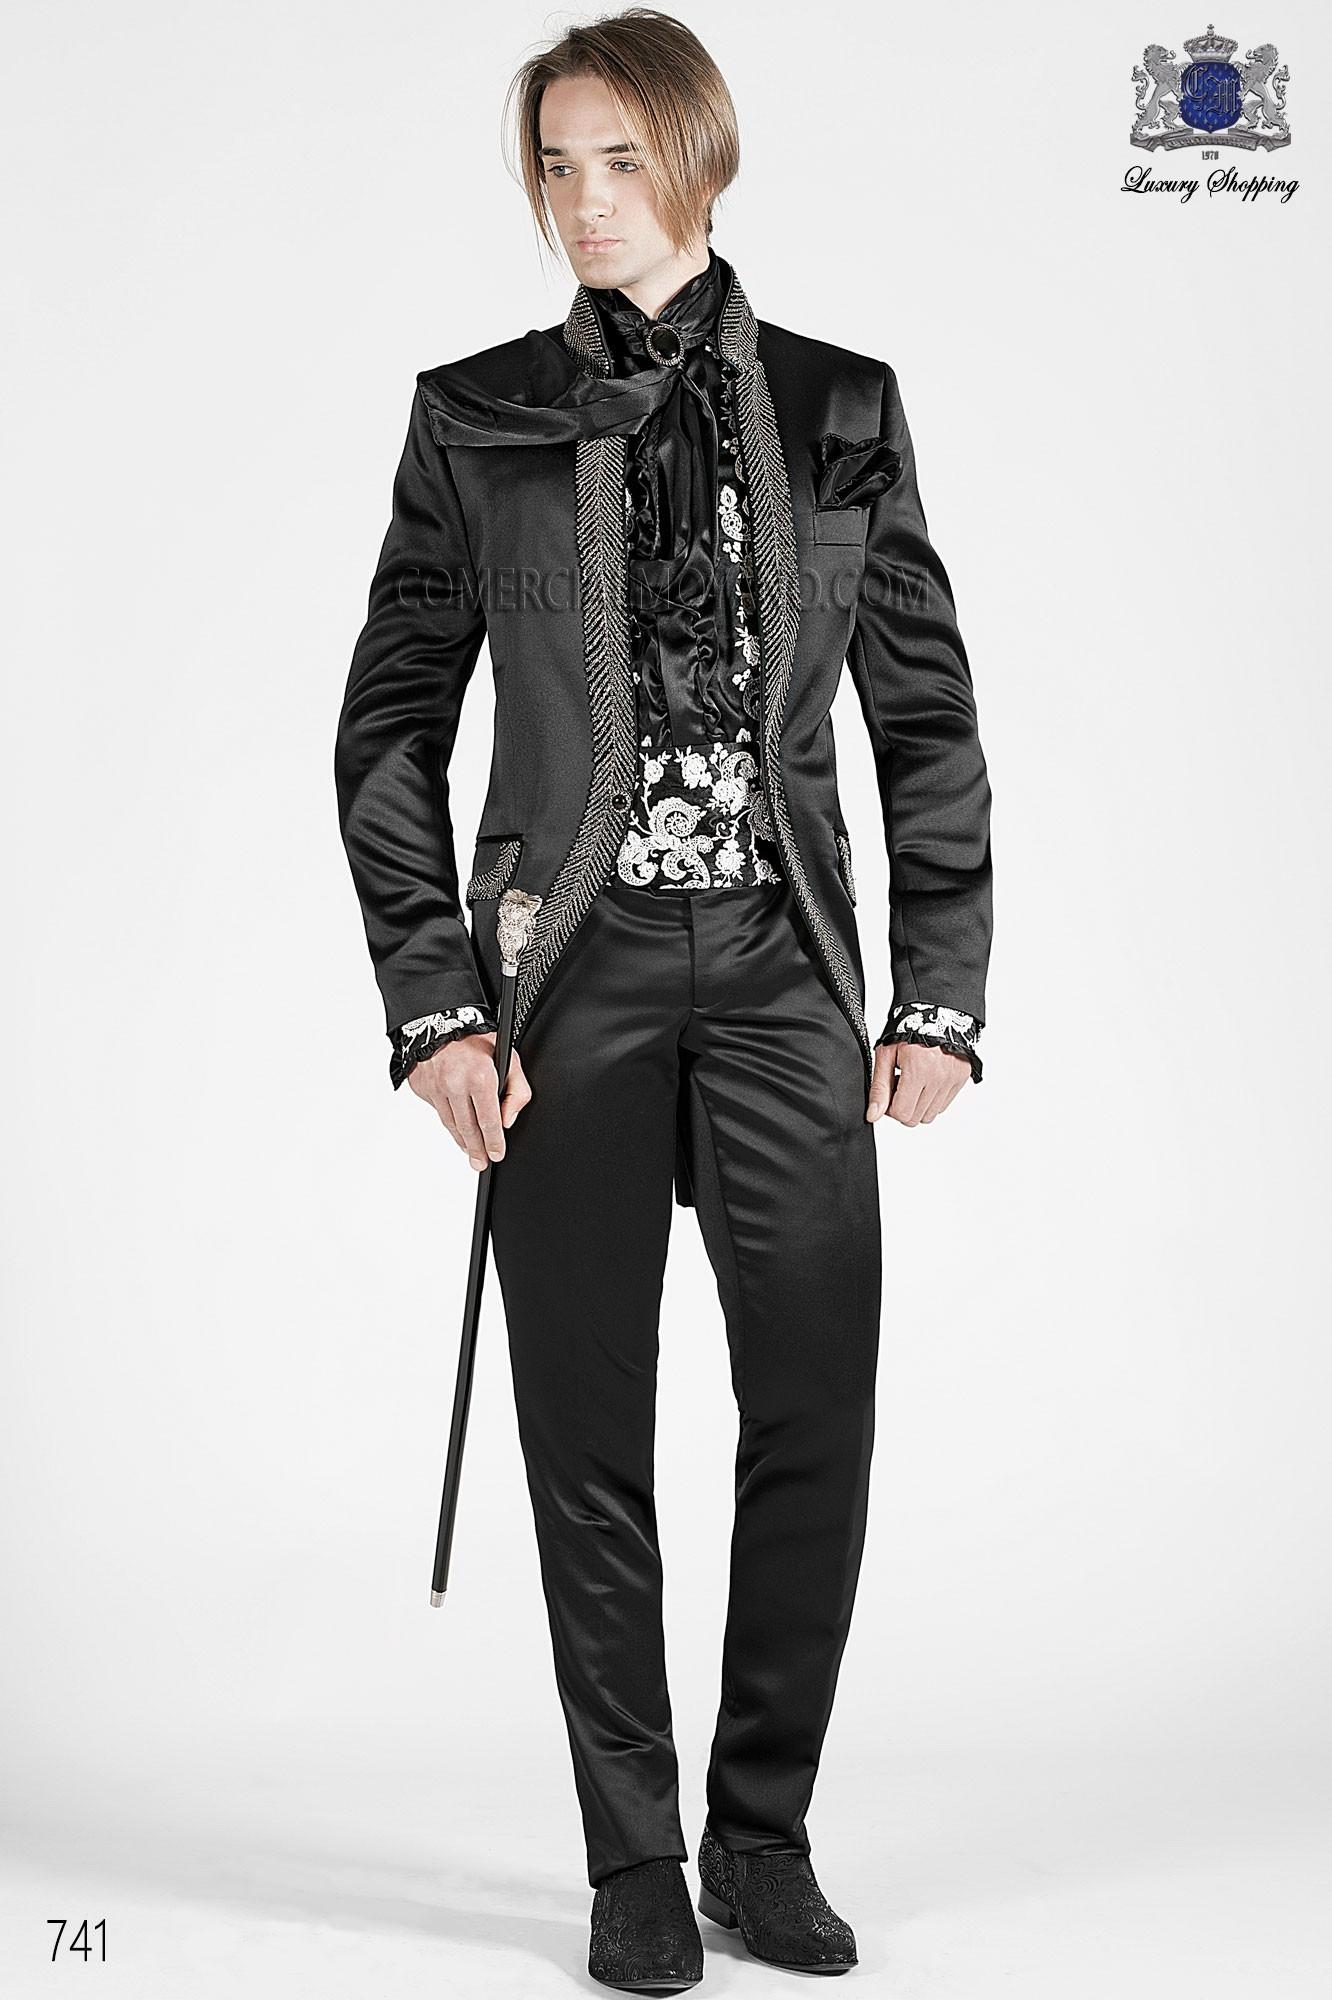 Traje de novio barroco negro modelo: 741 Ottavio Nuccio Gala colección Barroco